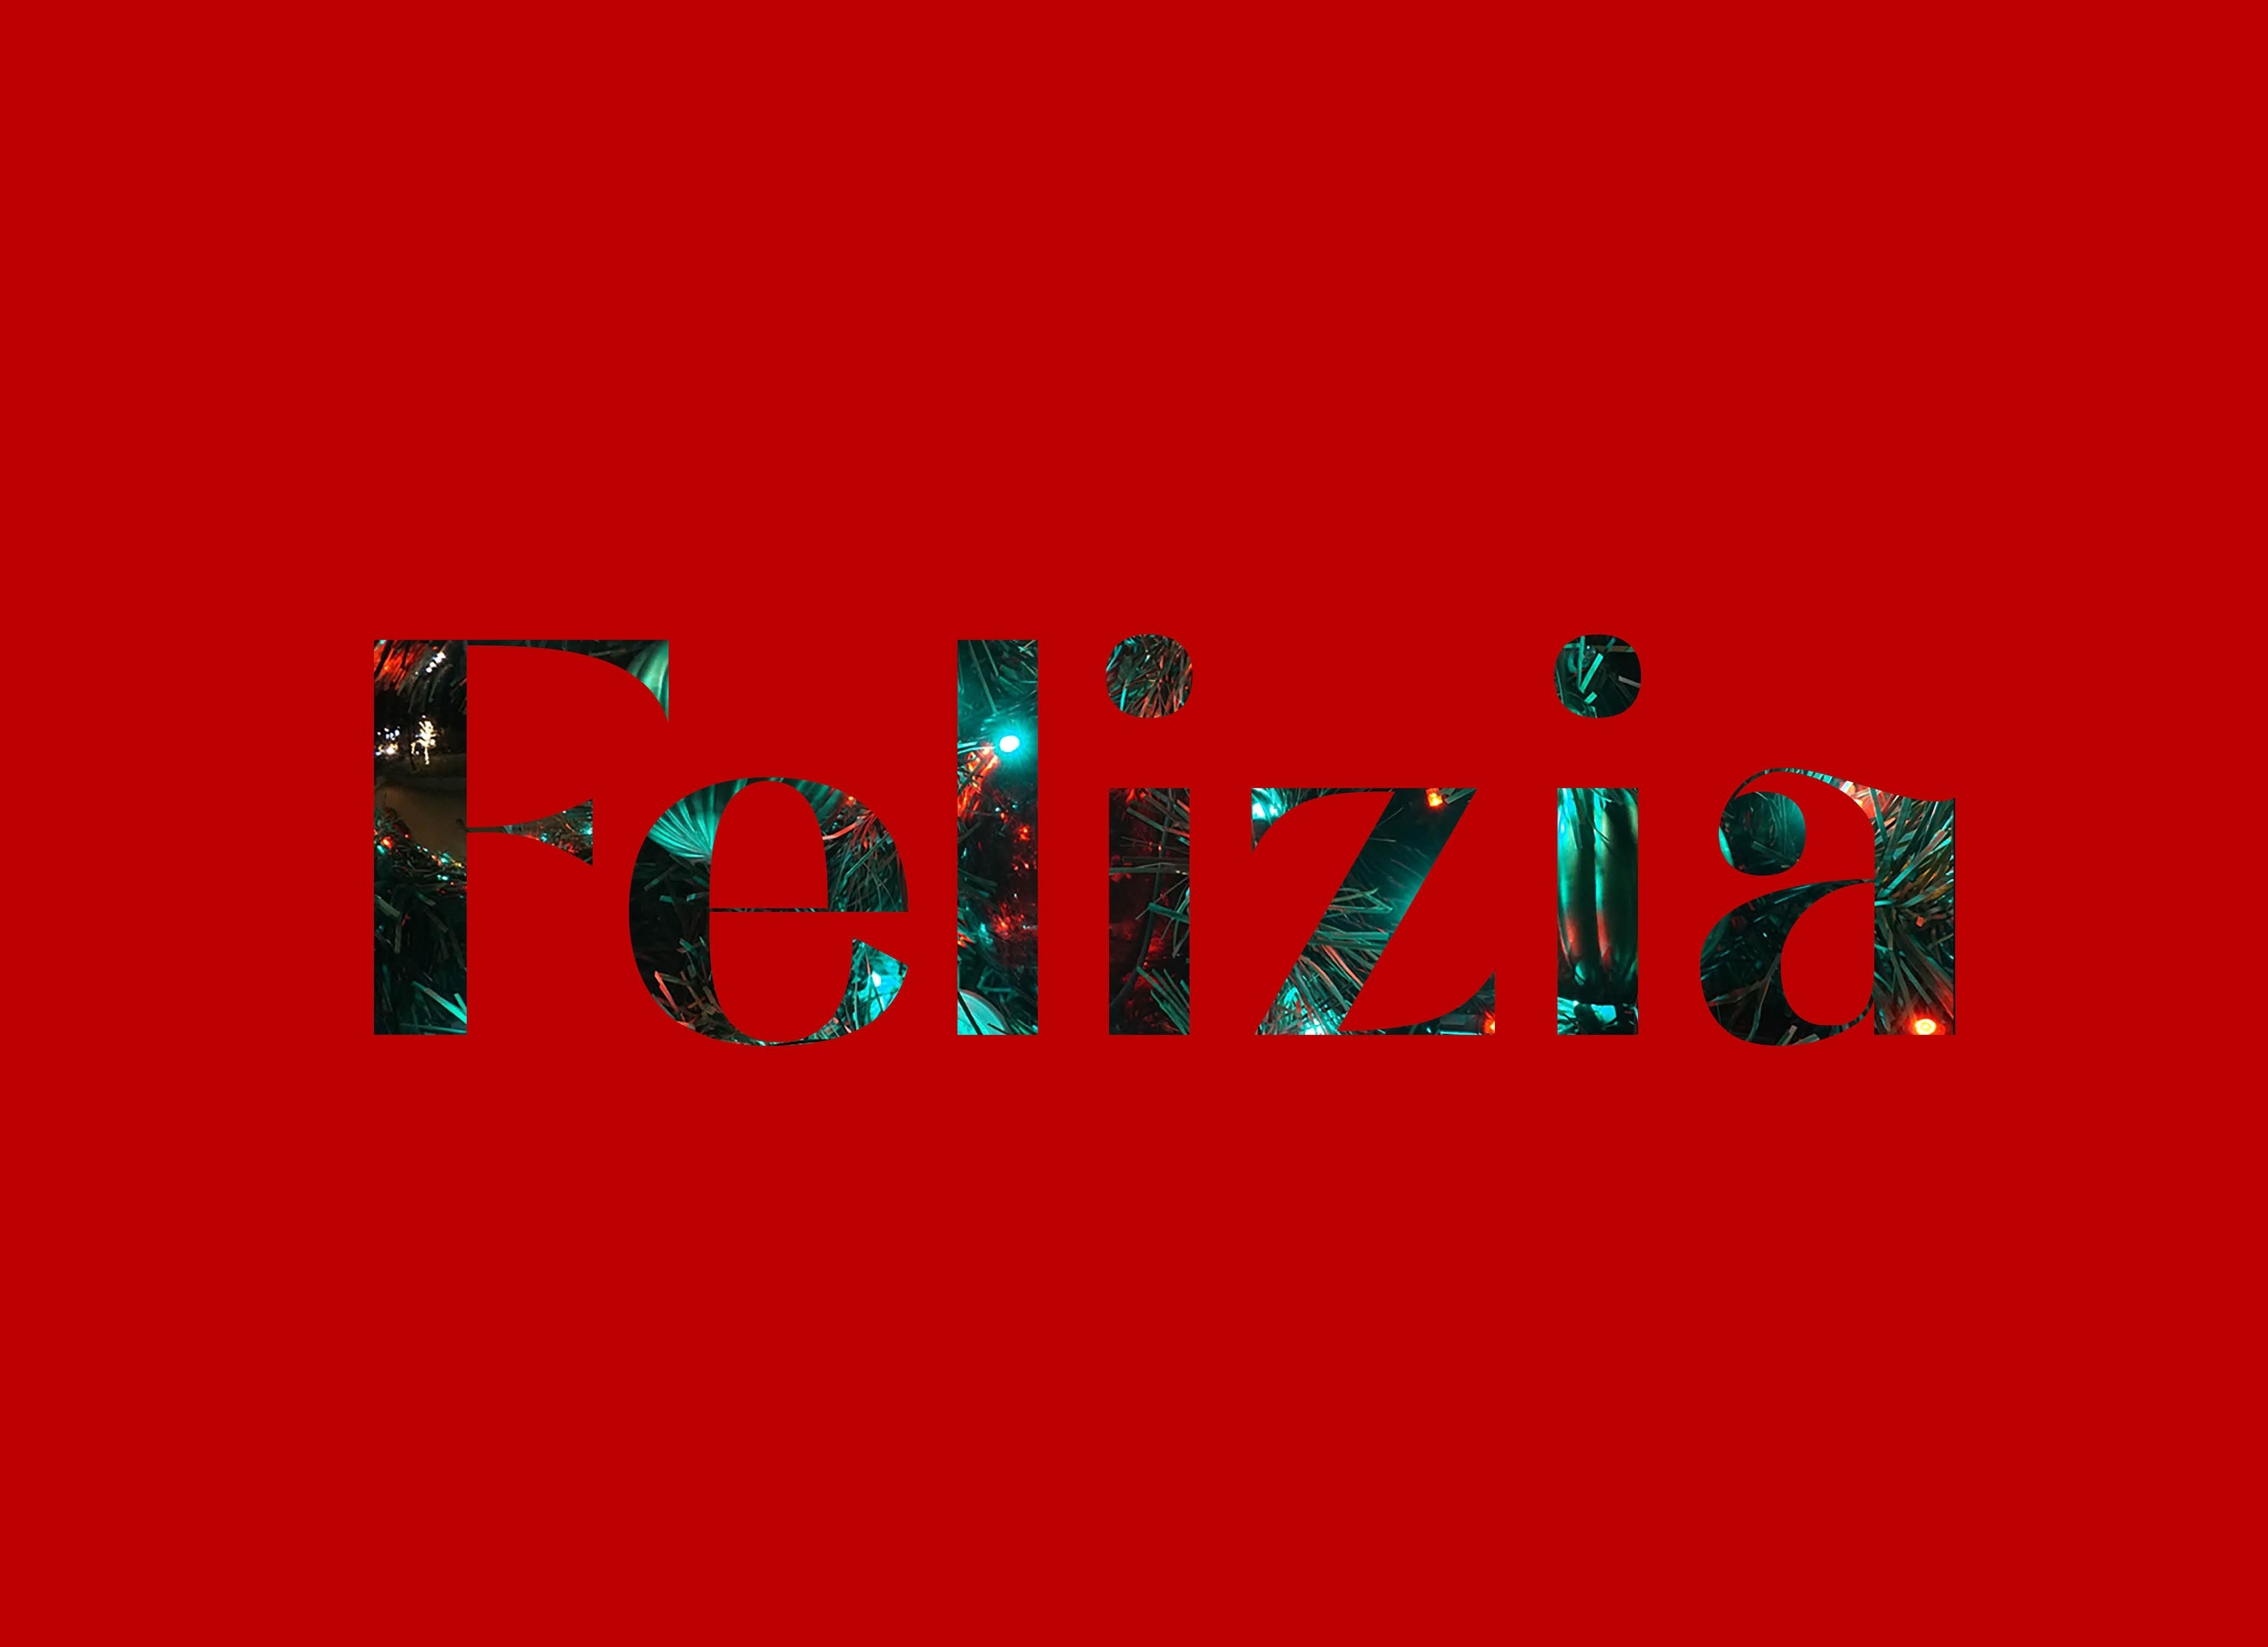 Felizia Font5